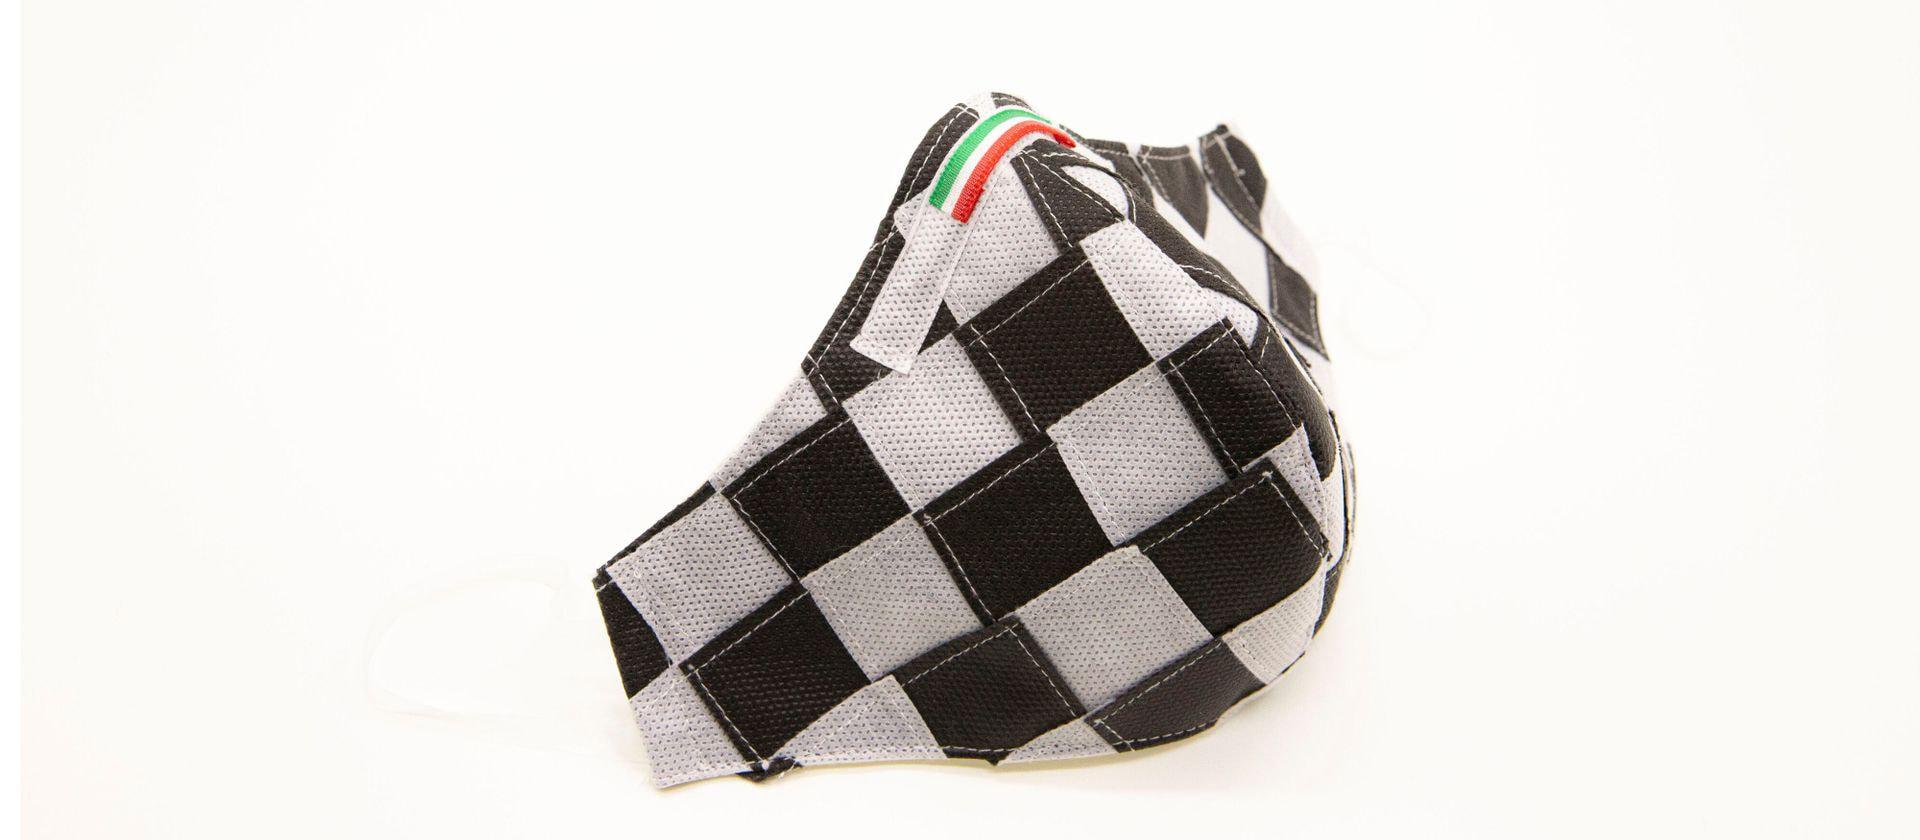 Mascherina Protettiva Fashion Lavabile a scacchi bianco e nero XL E